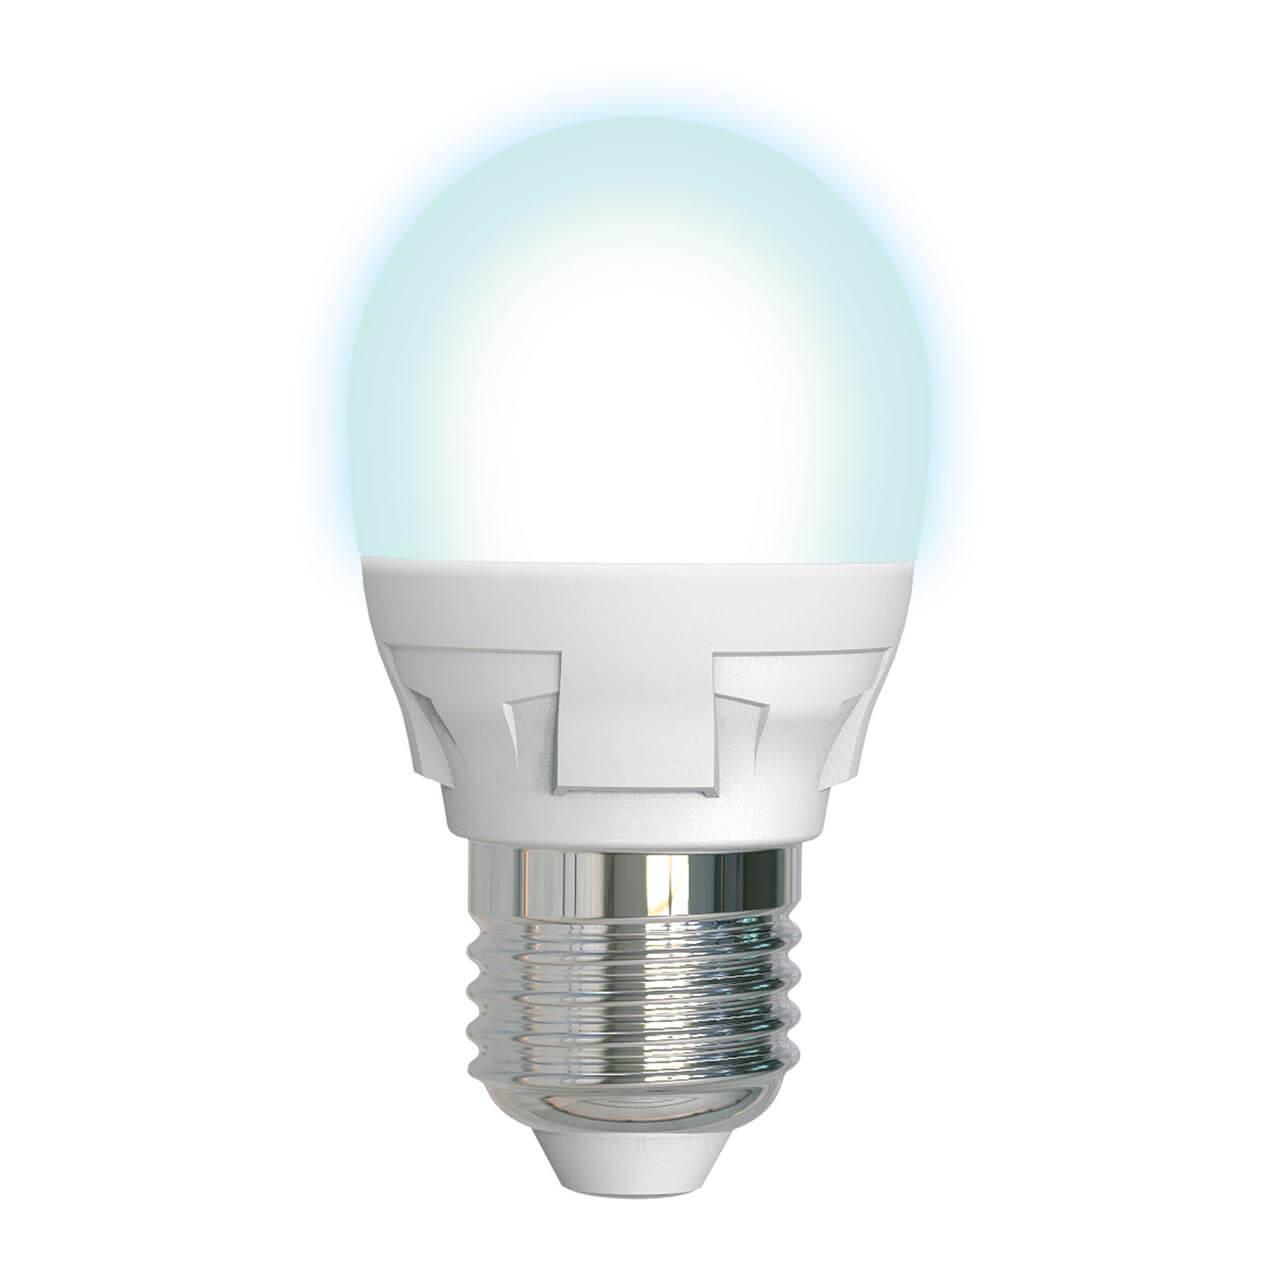 цена на Лампа светодиодная диммируемая (UL-00004301) E27 7W 4000K матовая LED-G45 7W/4000K/E27/FR/DIM PLP01WH